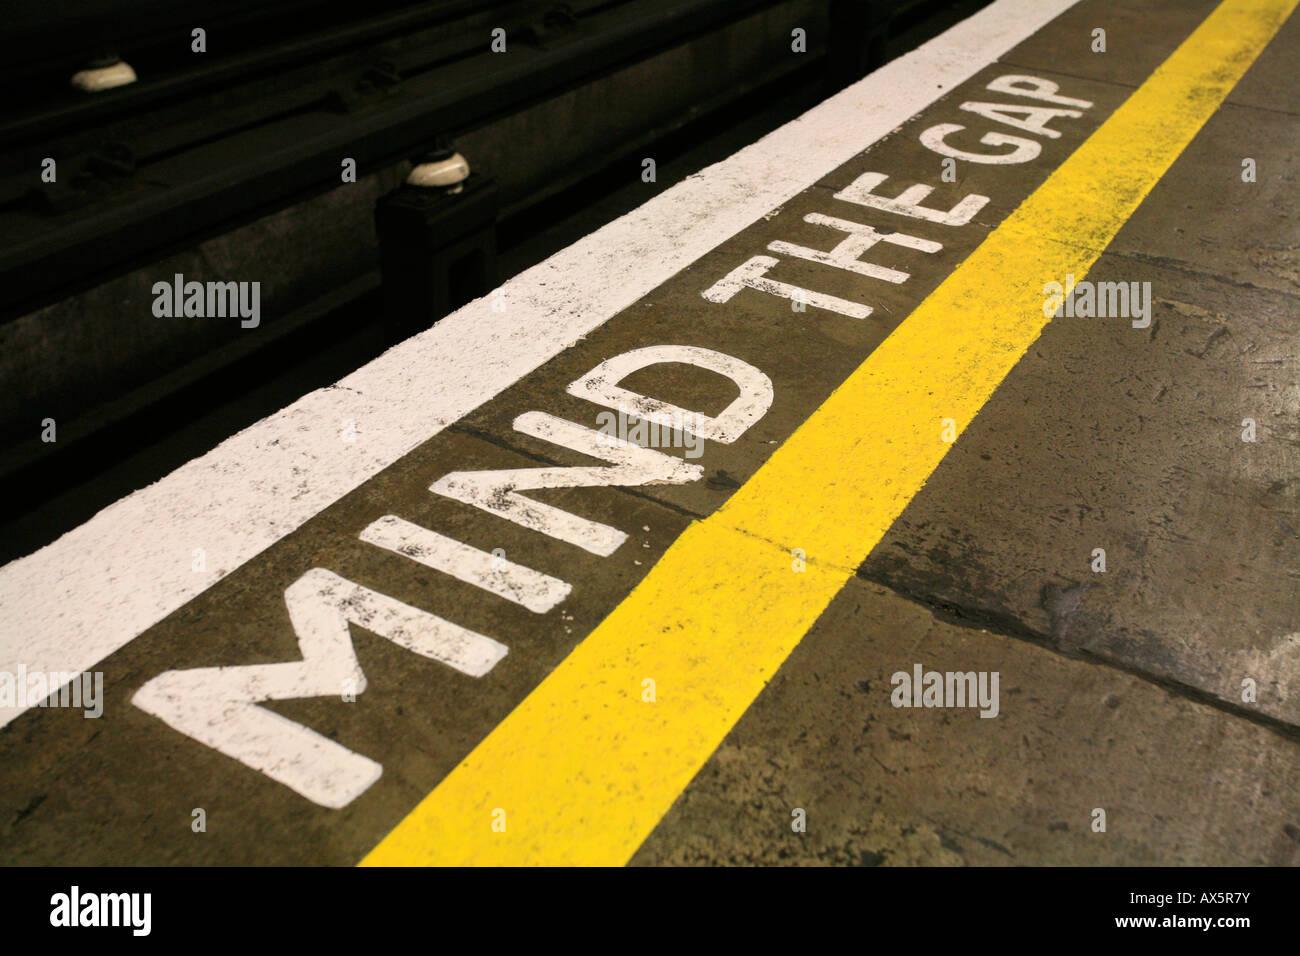 Mind the Gap - Rappel de sécurité au sud de la station de métro de Wimbledon, Londres, Angleterre, Photo Stock